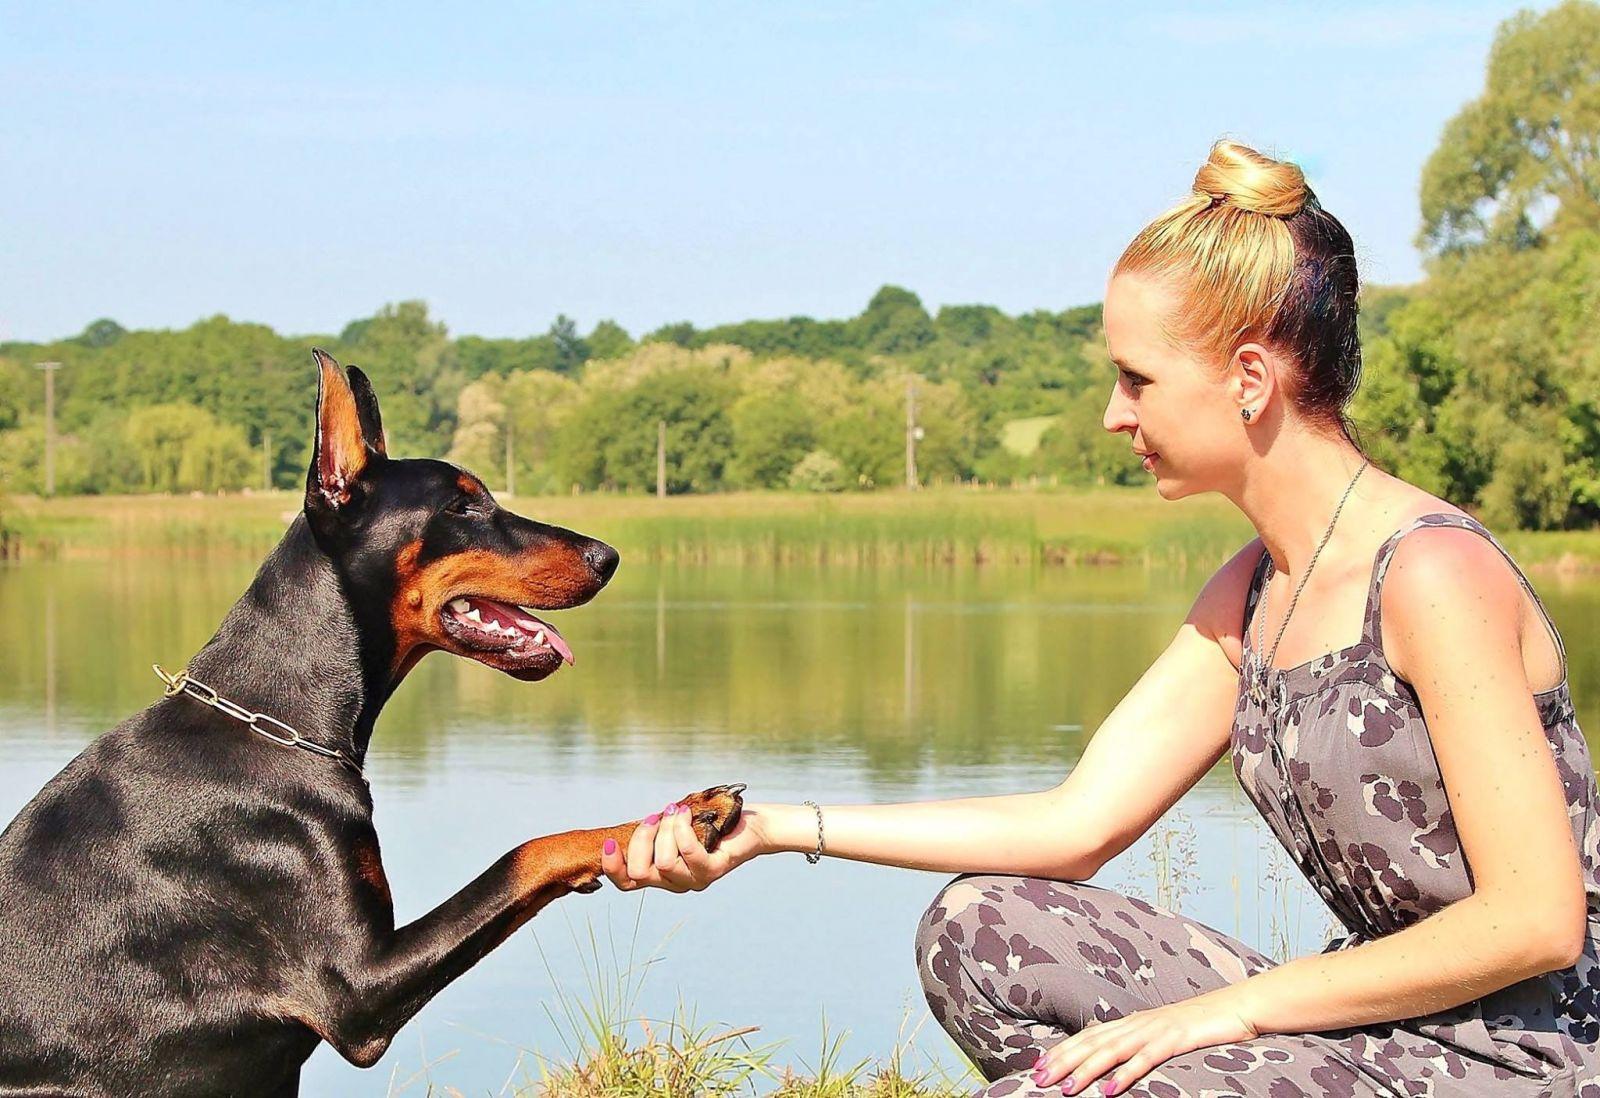 kutyabarat kutyabarát kutya nevelés